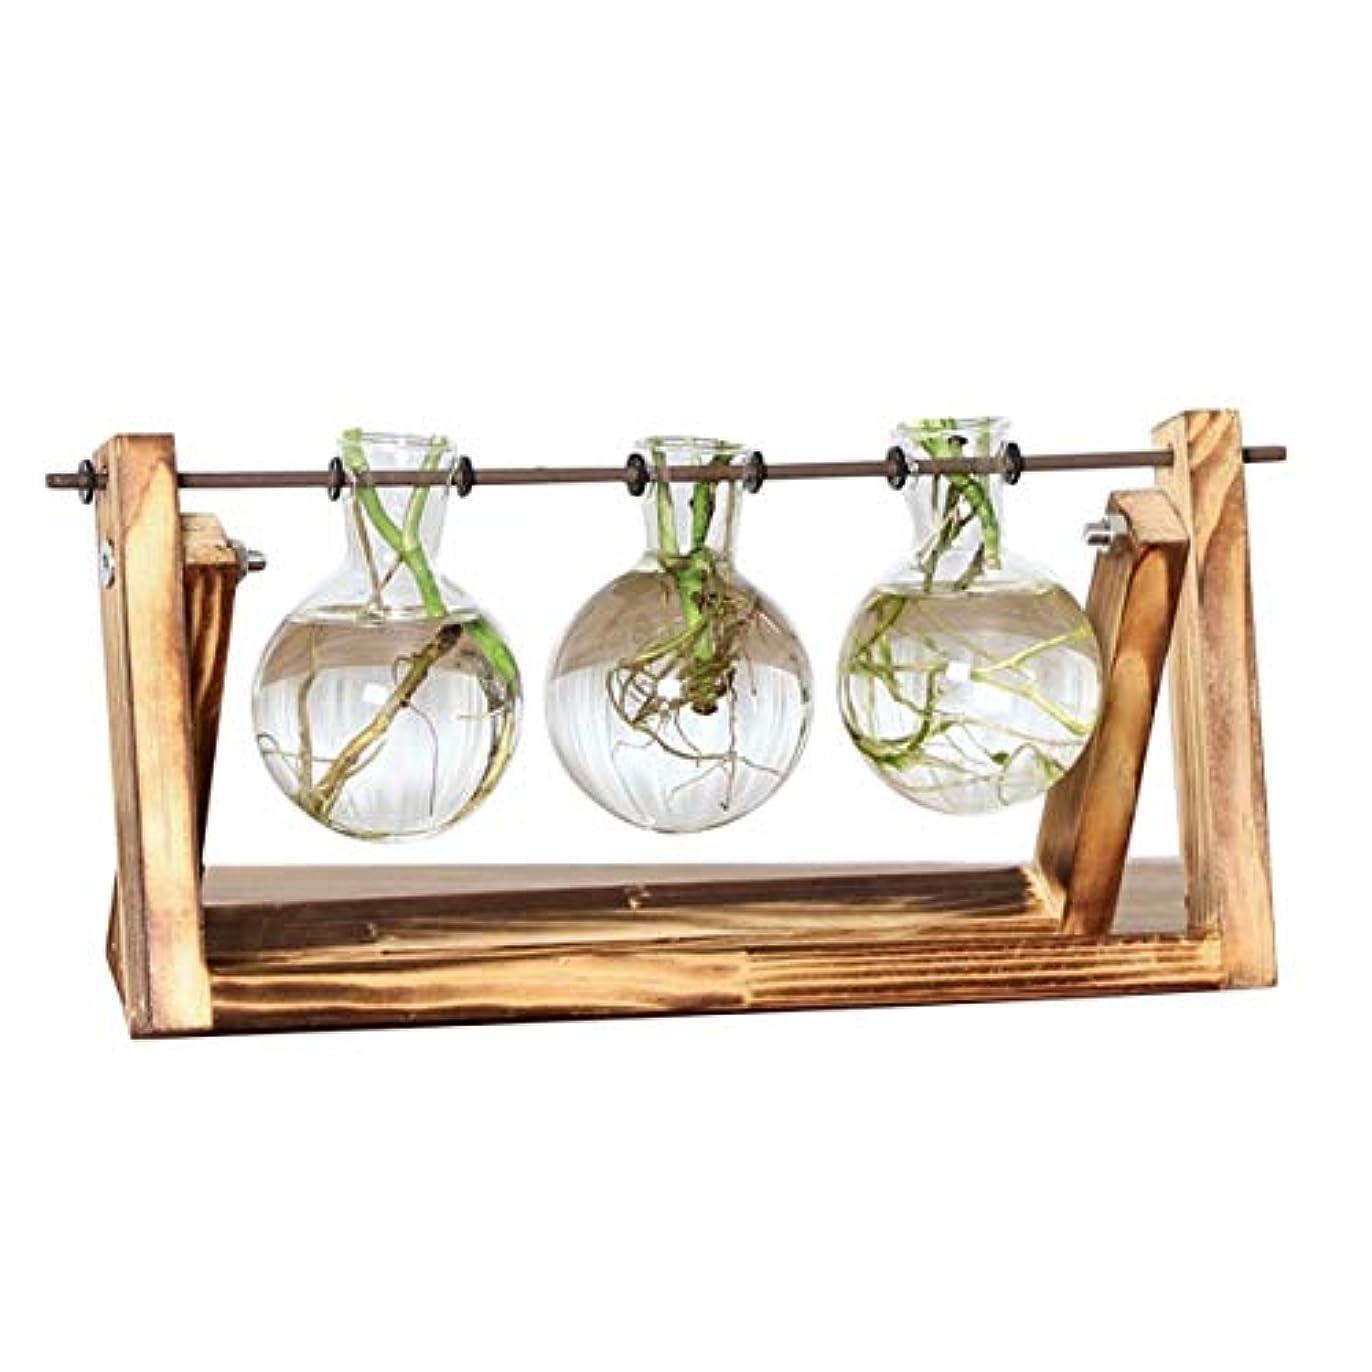 に対して見つけた傾向がありますSaikogoods デスクトップグラスプランター 水耕栽培プラント用電球の花瓶 レトロソリッド木製スタンド メタルスイベルホルダー ホームオフィスインテリア クリア&ウッド レトロ